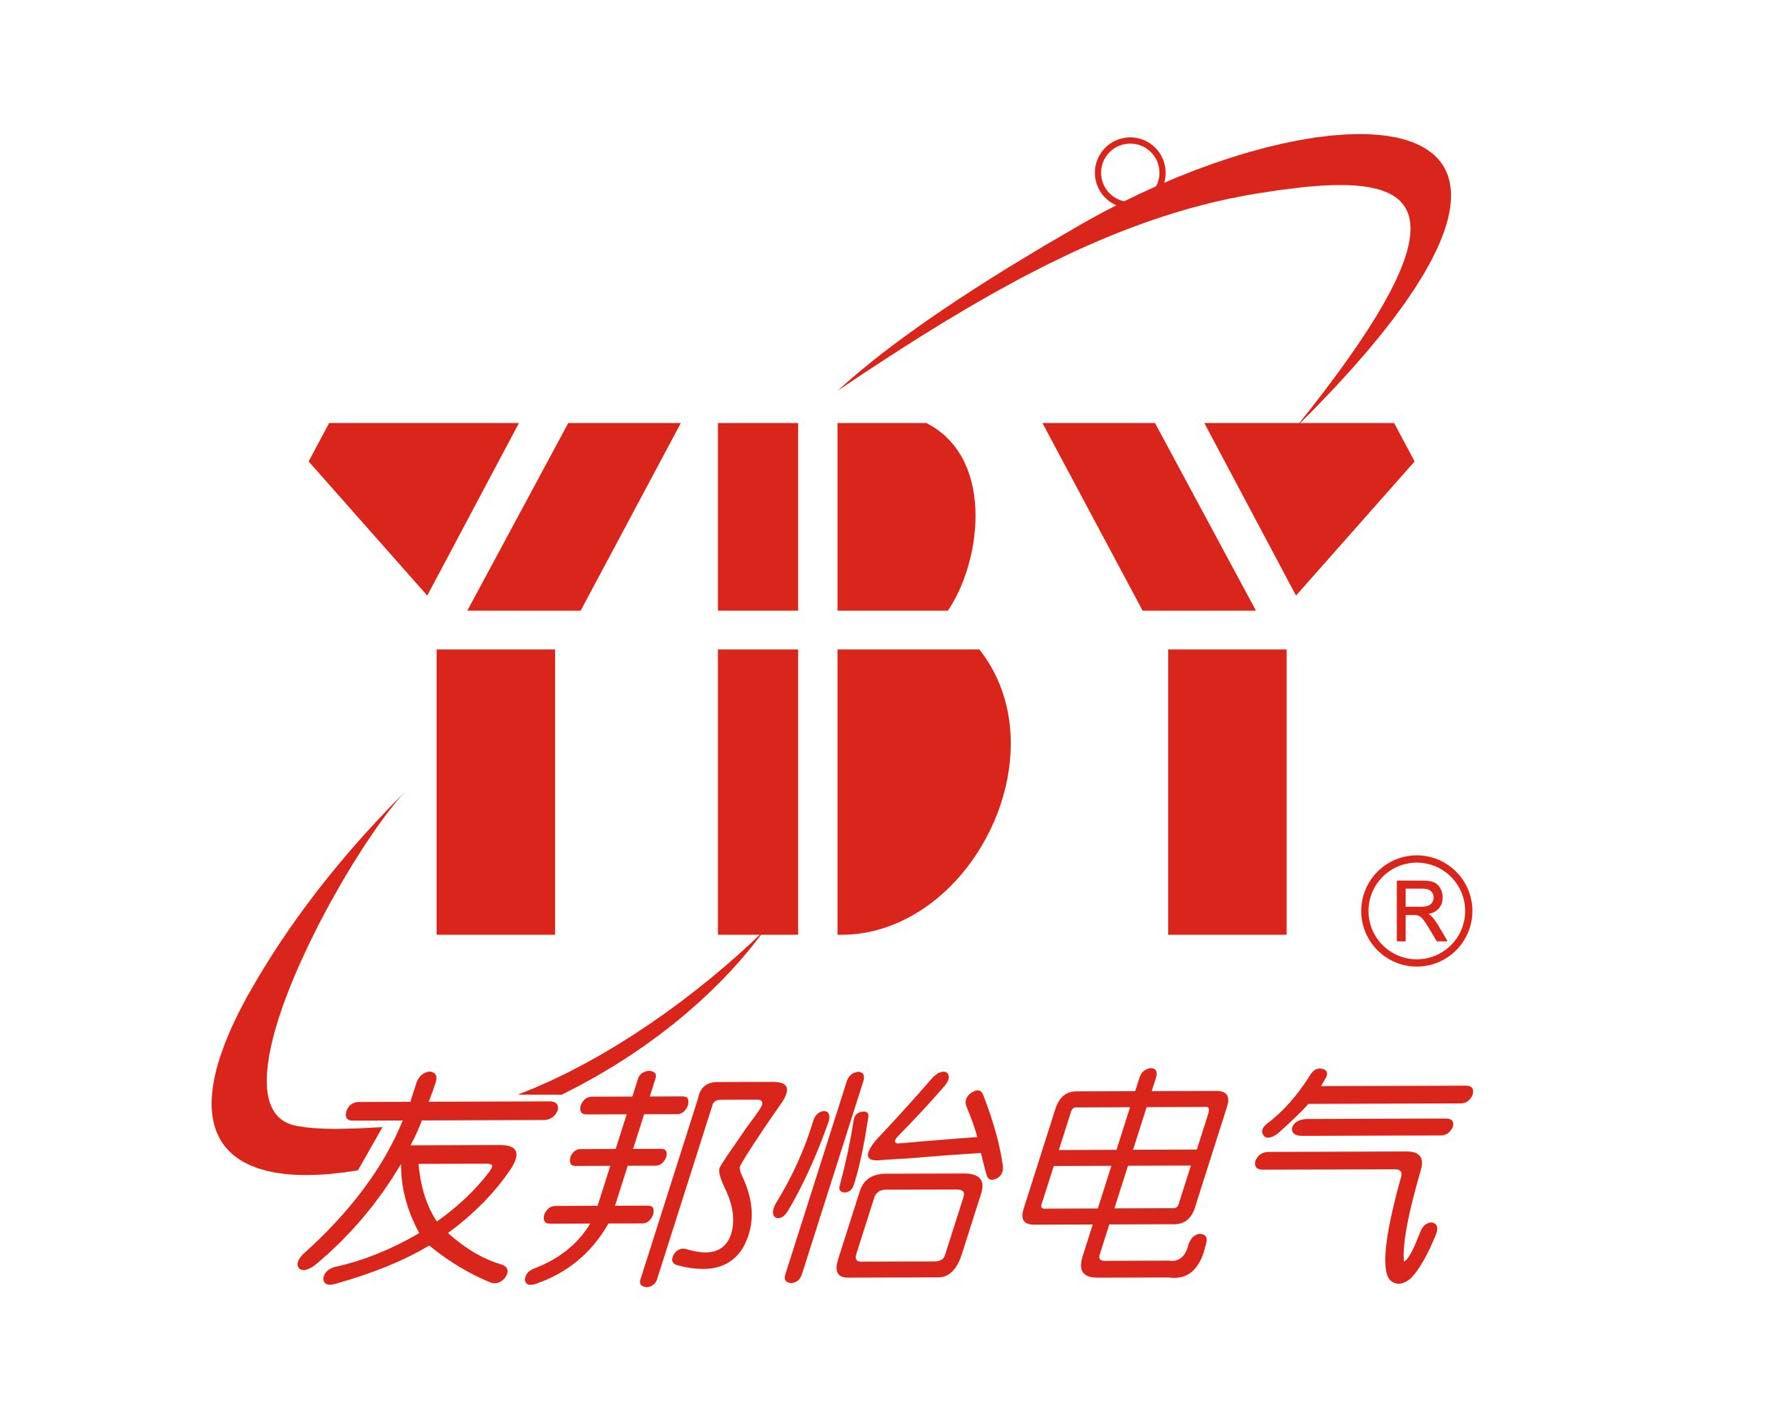 深圳市友邦怡电气技术有限公司